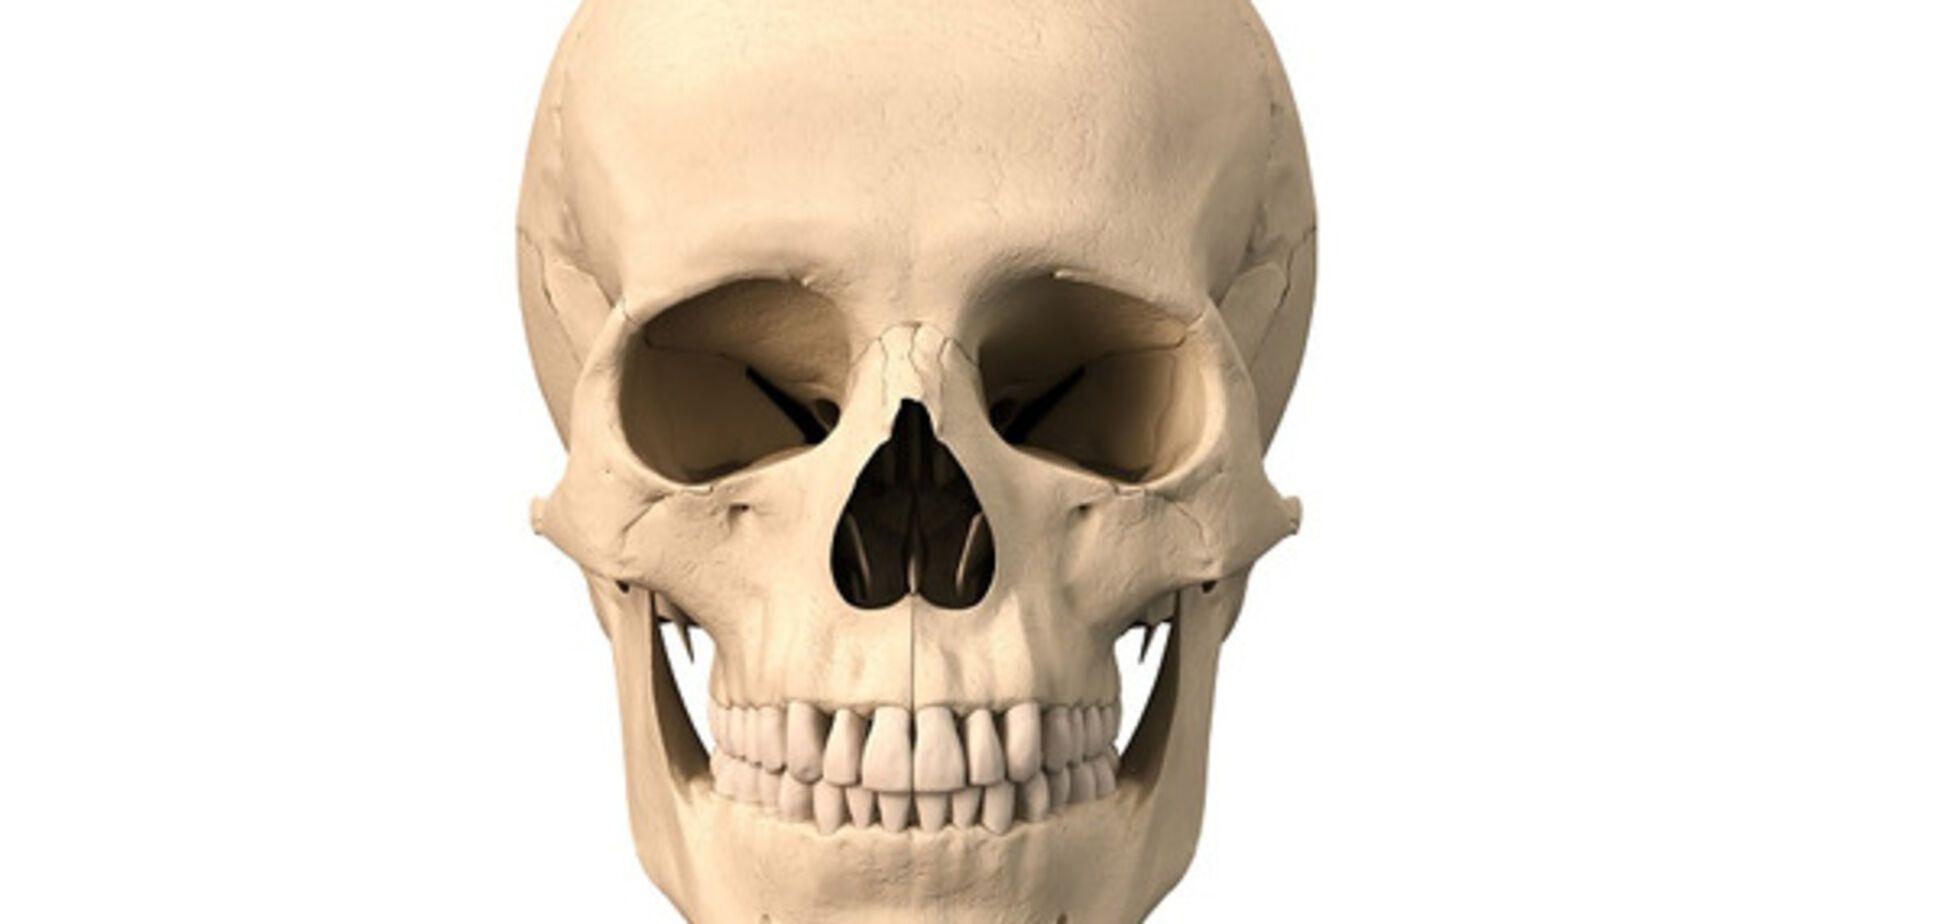 В Запорожье на берегу реки найден человеческий скелет (ФОТО)